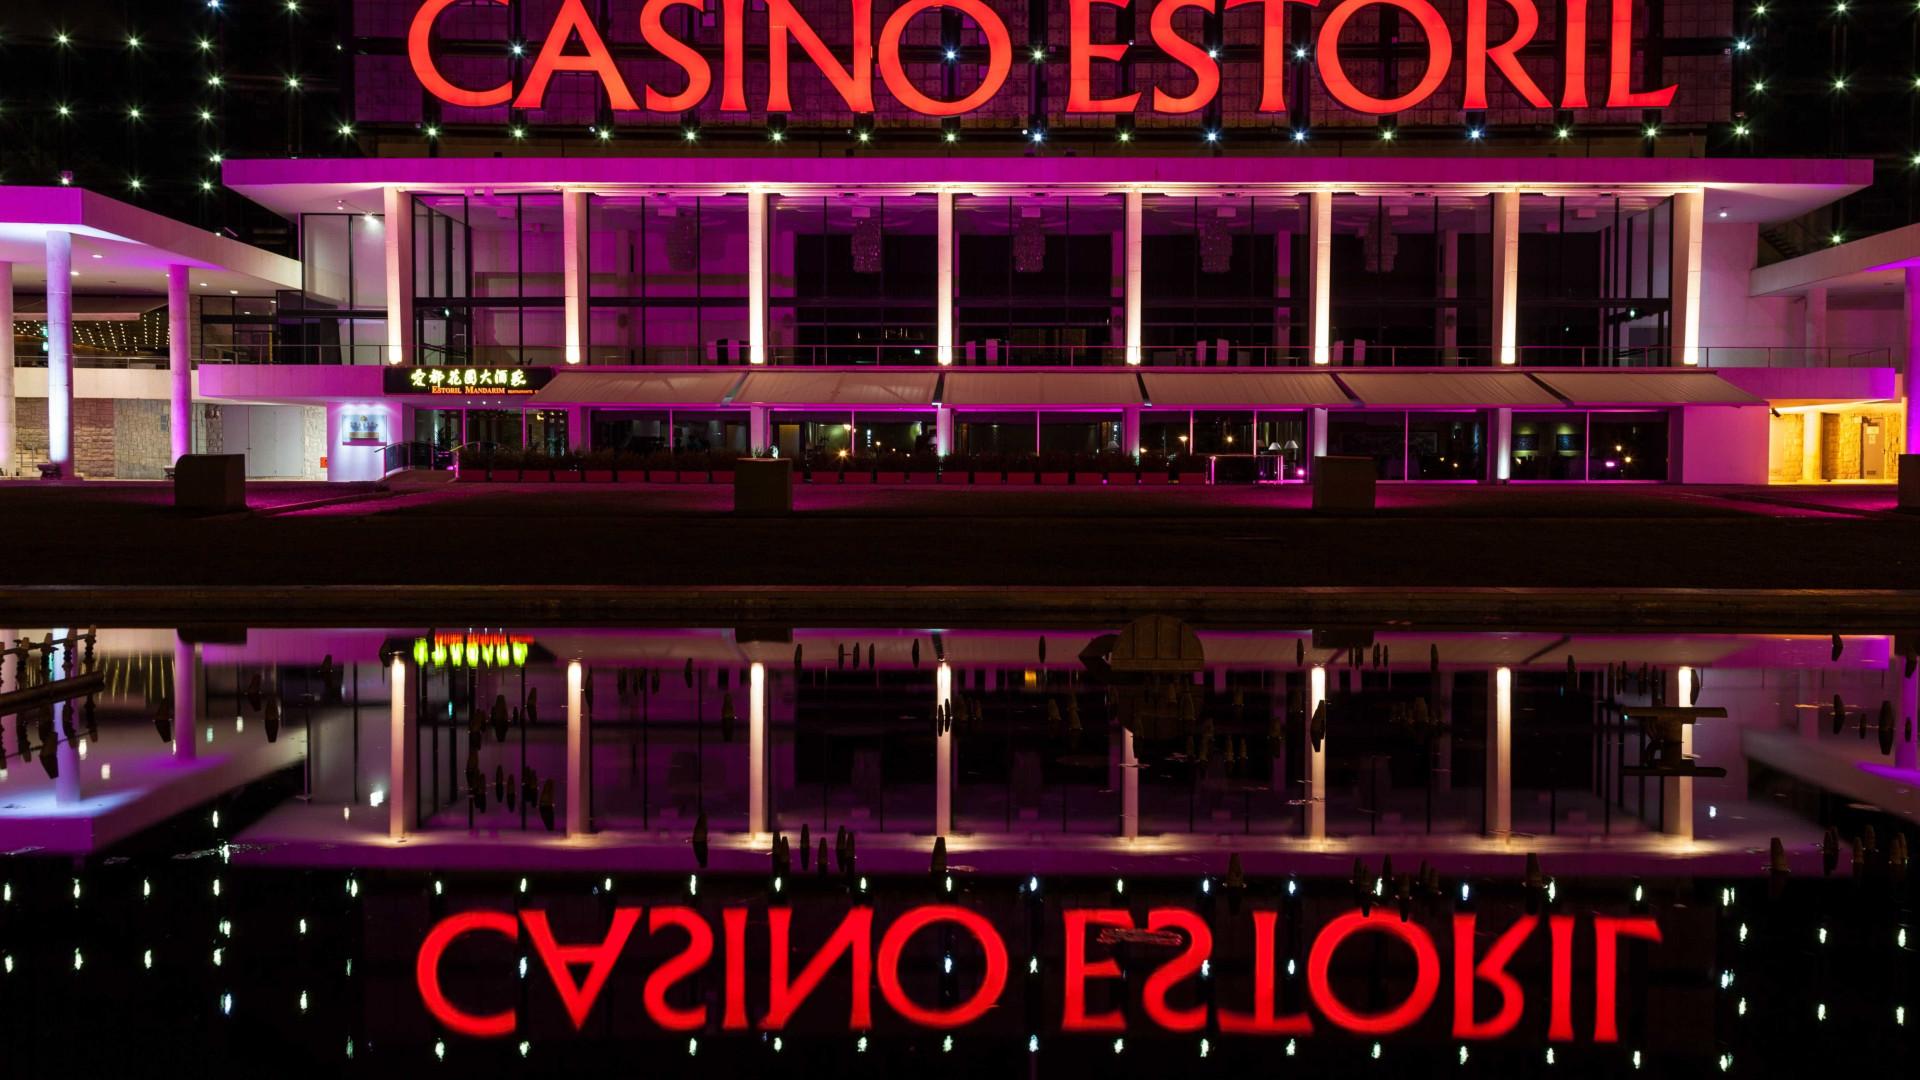 Casino Estoril celebra 85 anos com exposição e espetáculo de Mariza